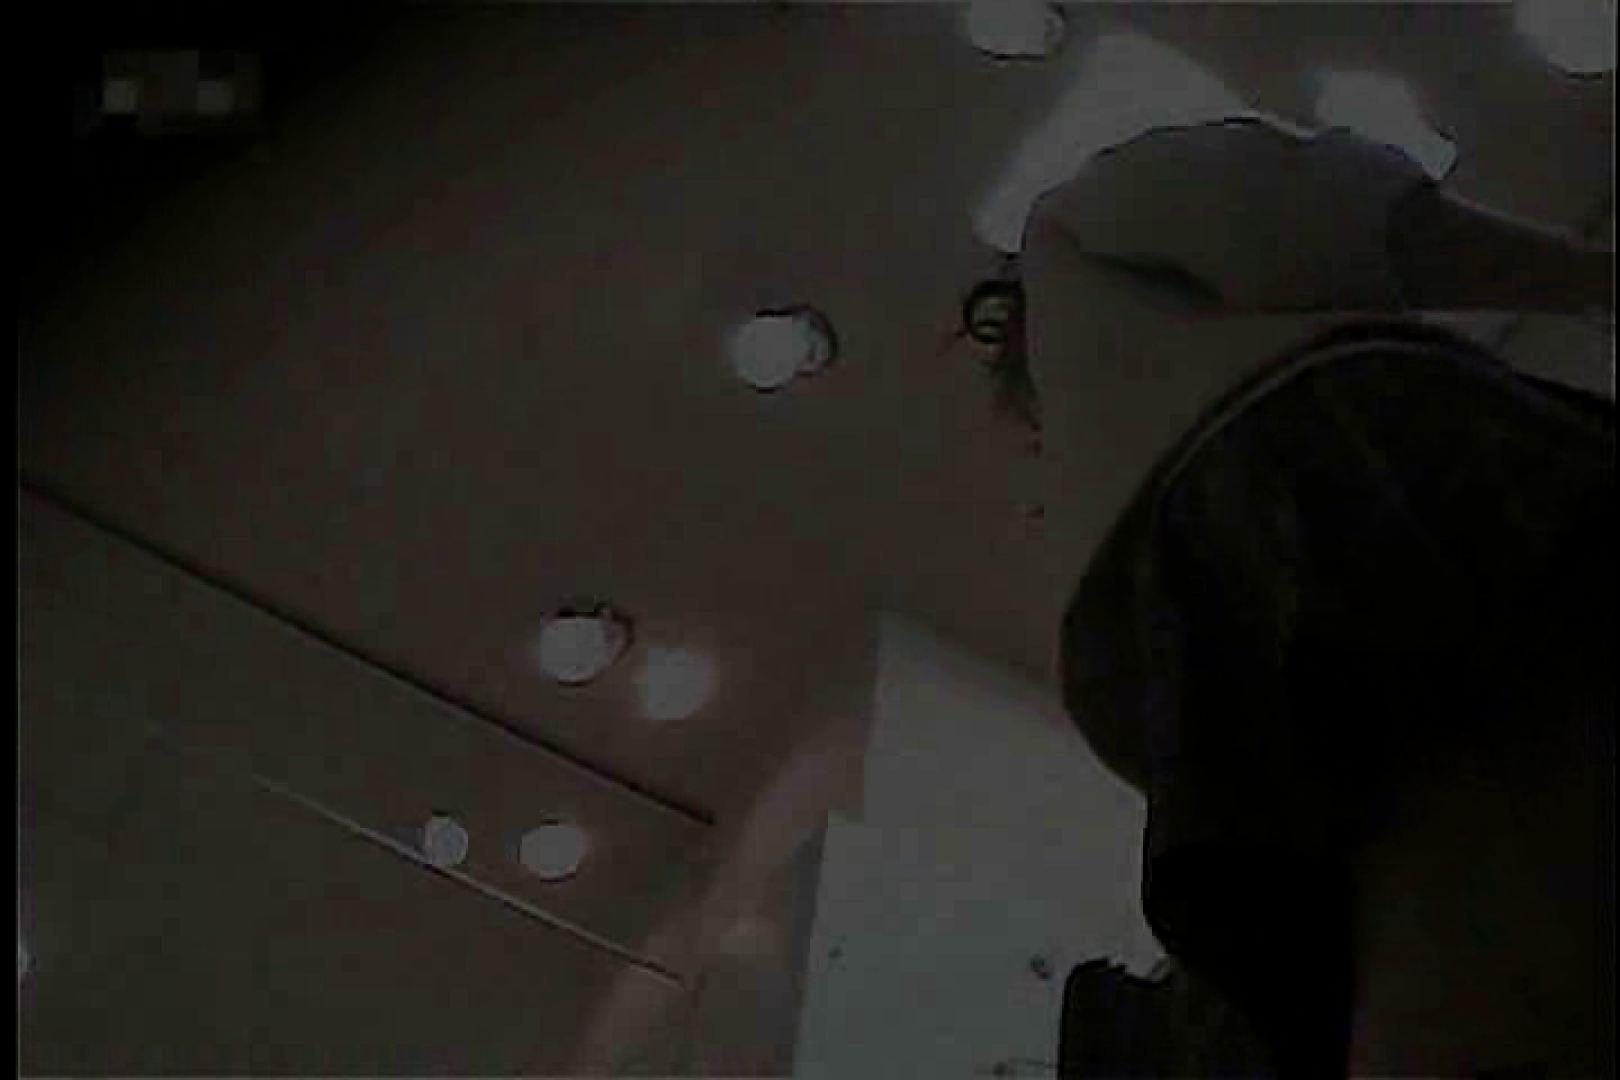 ショップ店員のパンチラアクシデント Vol.12 美人 おまんこ動画流出 108連発 97